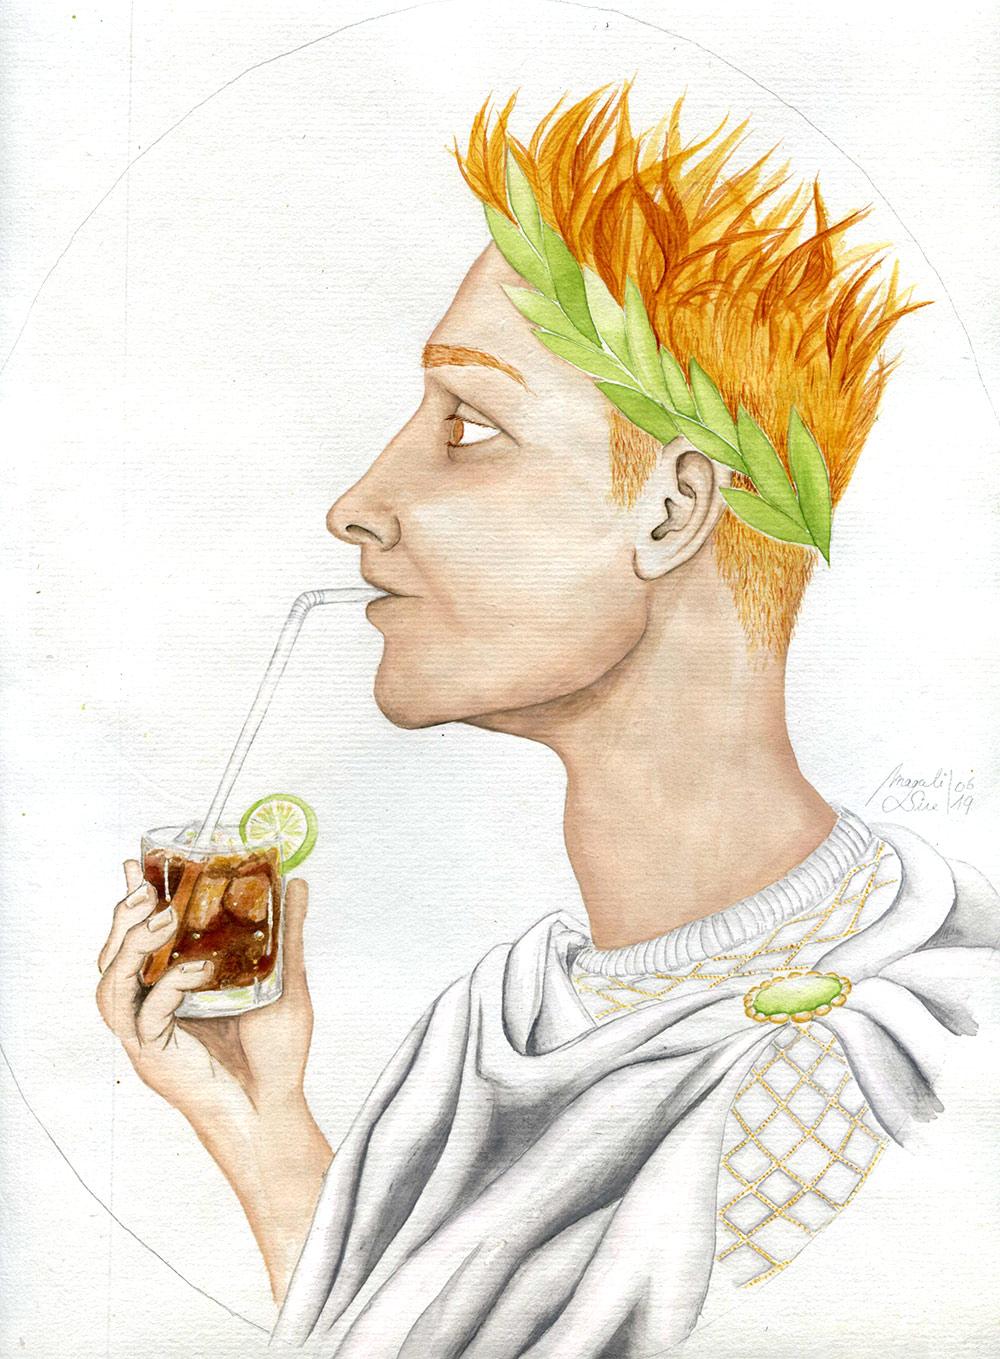 Octave et son Rome-Coca | 29 x 23 cm